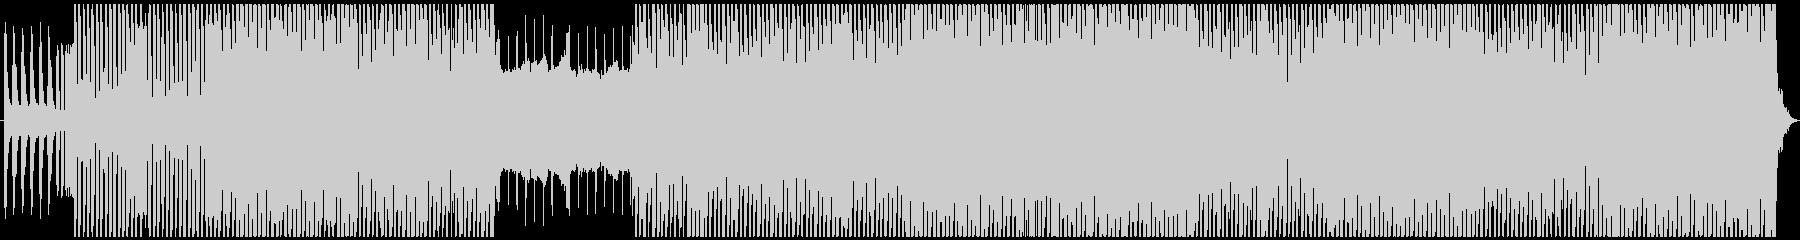 躍動感のあるシンセユーロビートBGMの未再生の波形